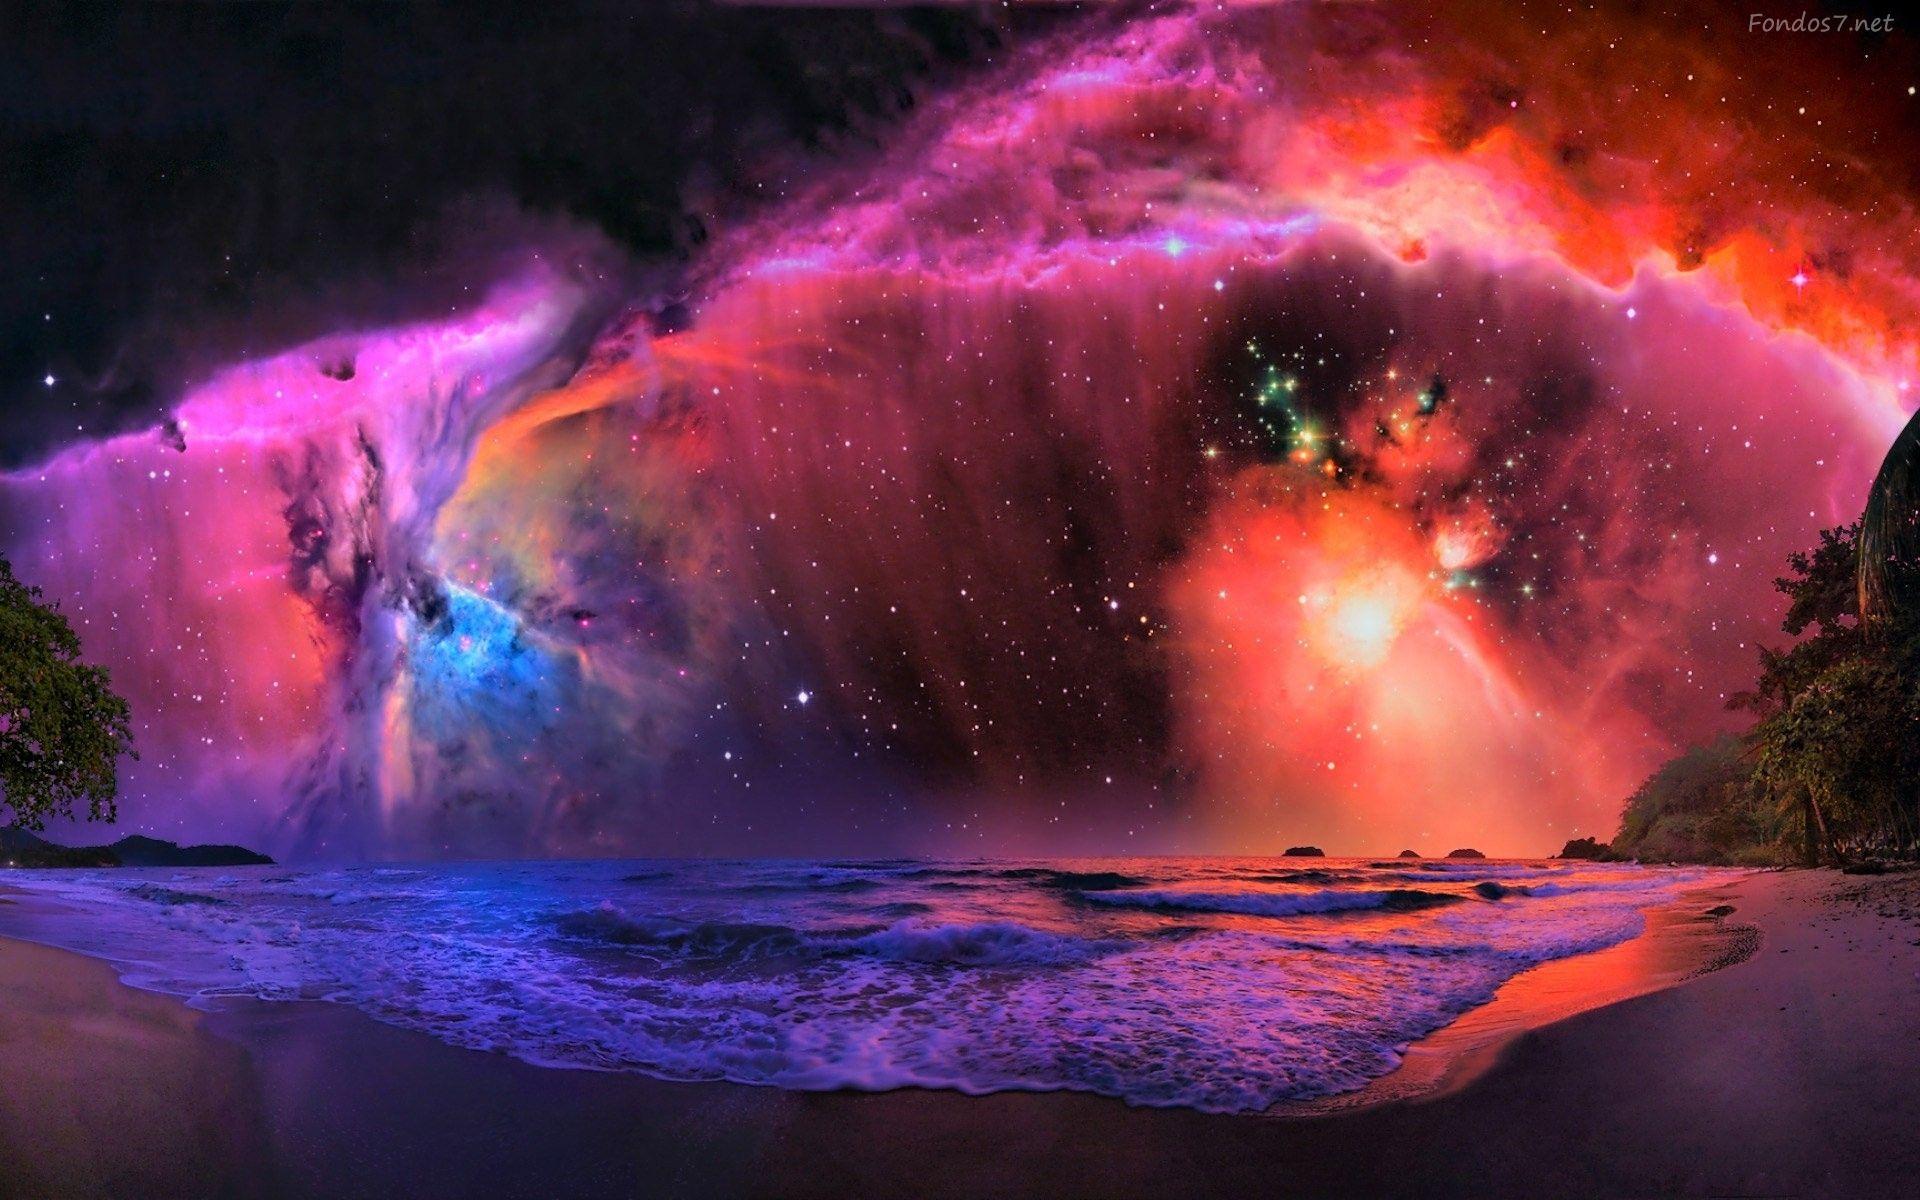 download universo descargar fondos de pantalla el en la